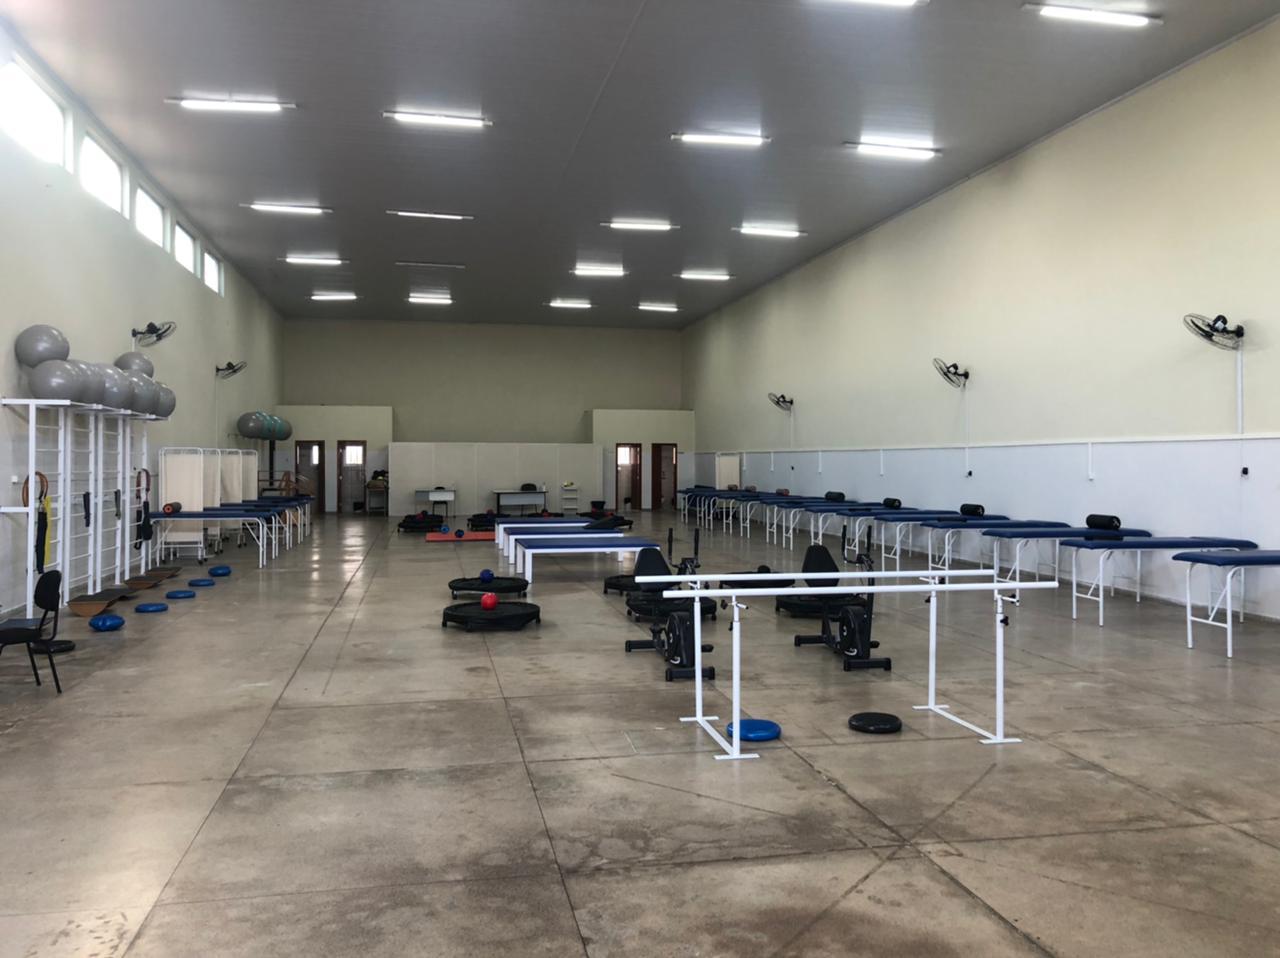 Centro de Reabilitação Esporte e Saúde (CRES), localizado na Rua Senador Osires Teixeira, qd.2h; lote 21, Jardim Todos os Santos, Senador Canedo - GO.Horário de atendimento: segunda a sexta-feira, das